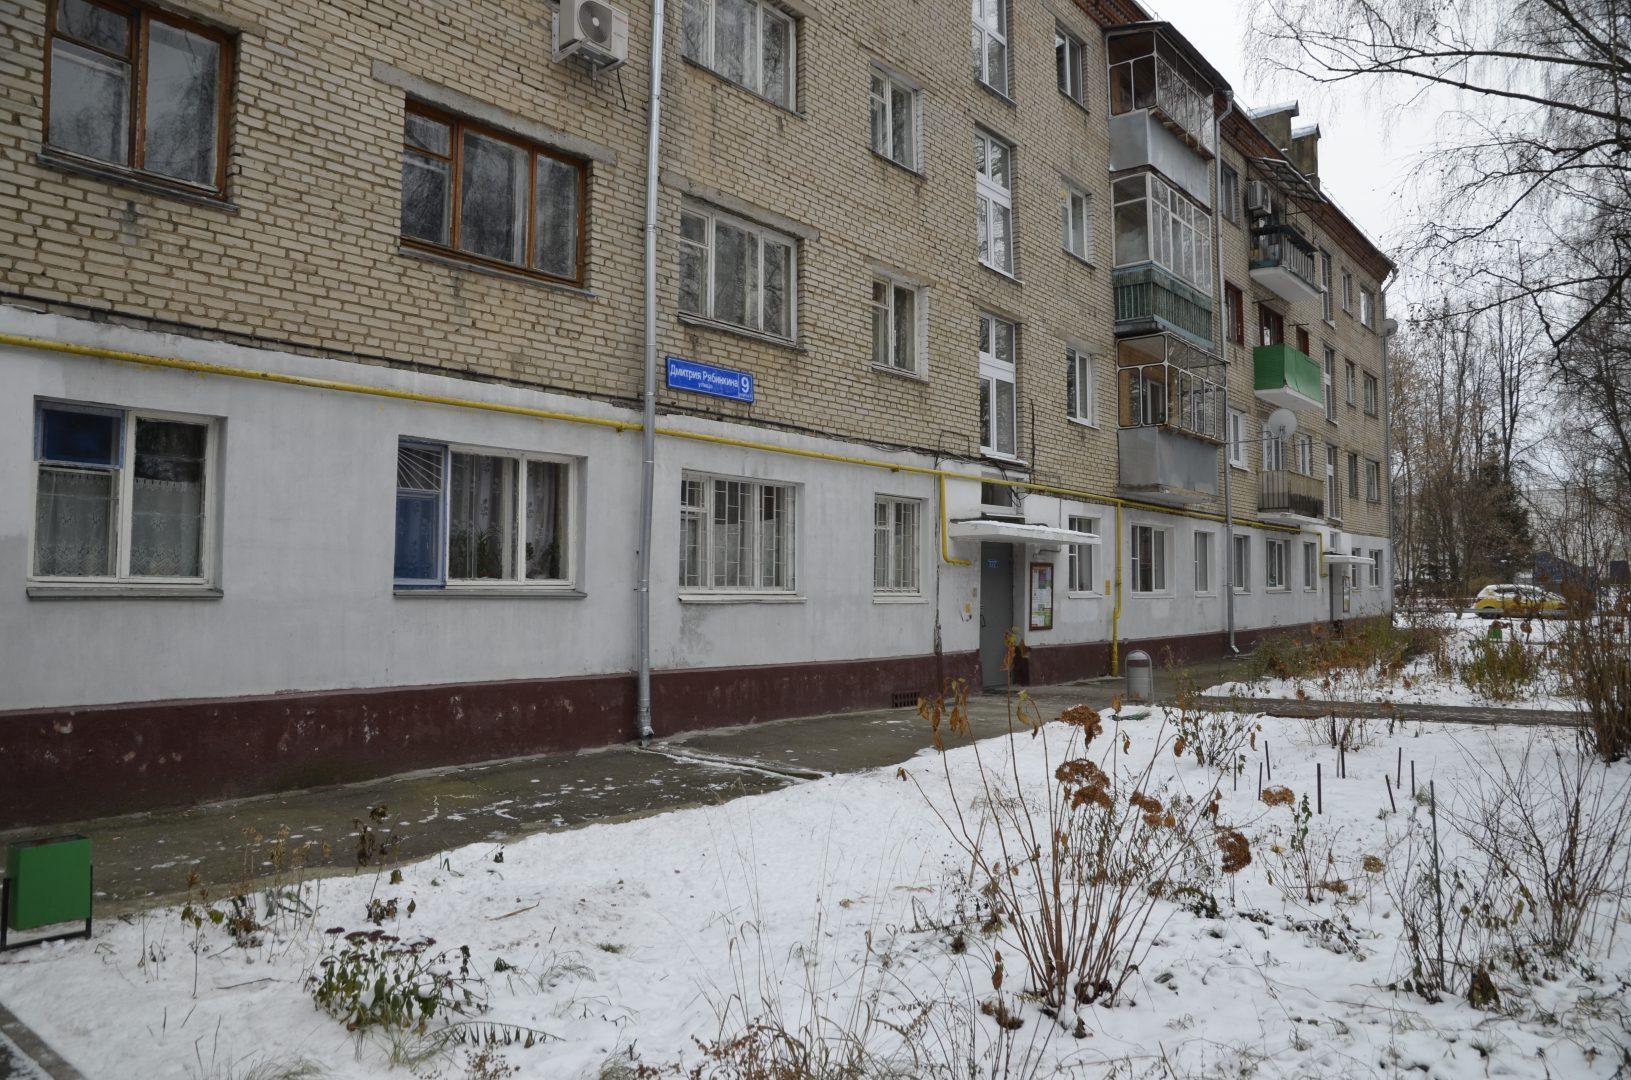 Ремонт крыш 44 домов запланировали в Новой Москве. Фото: Анна Быкова